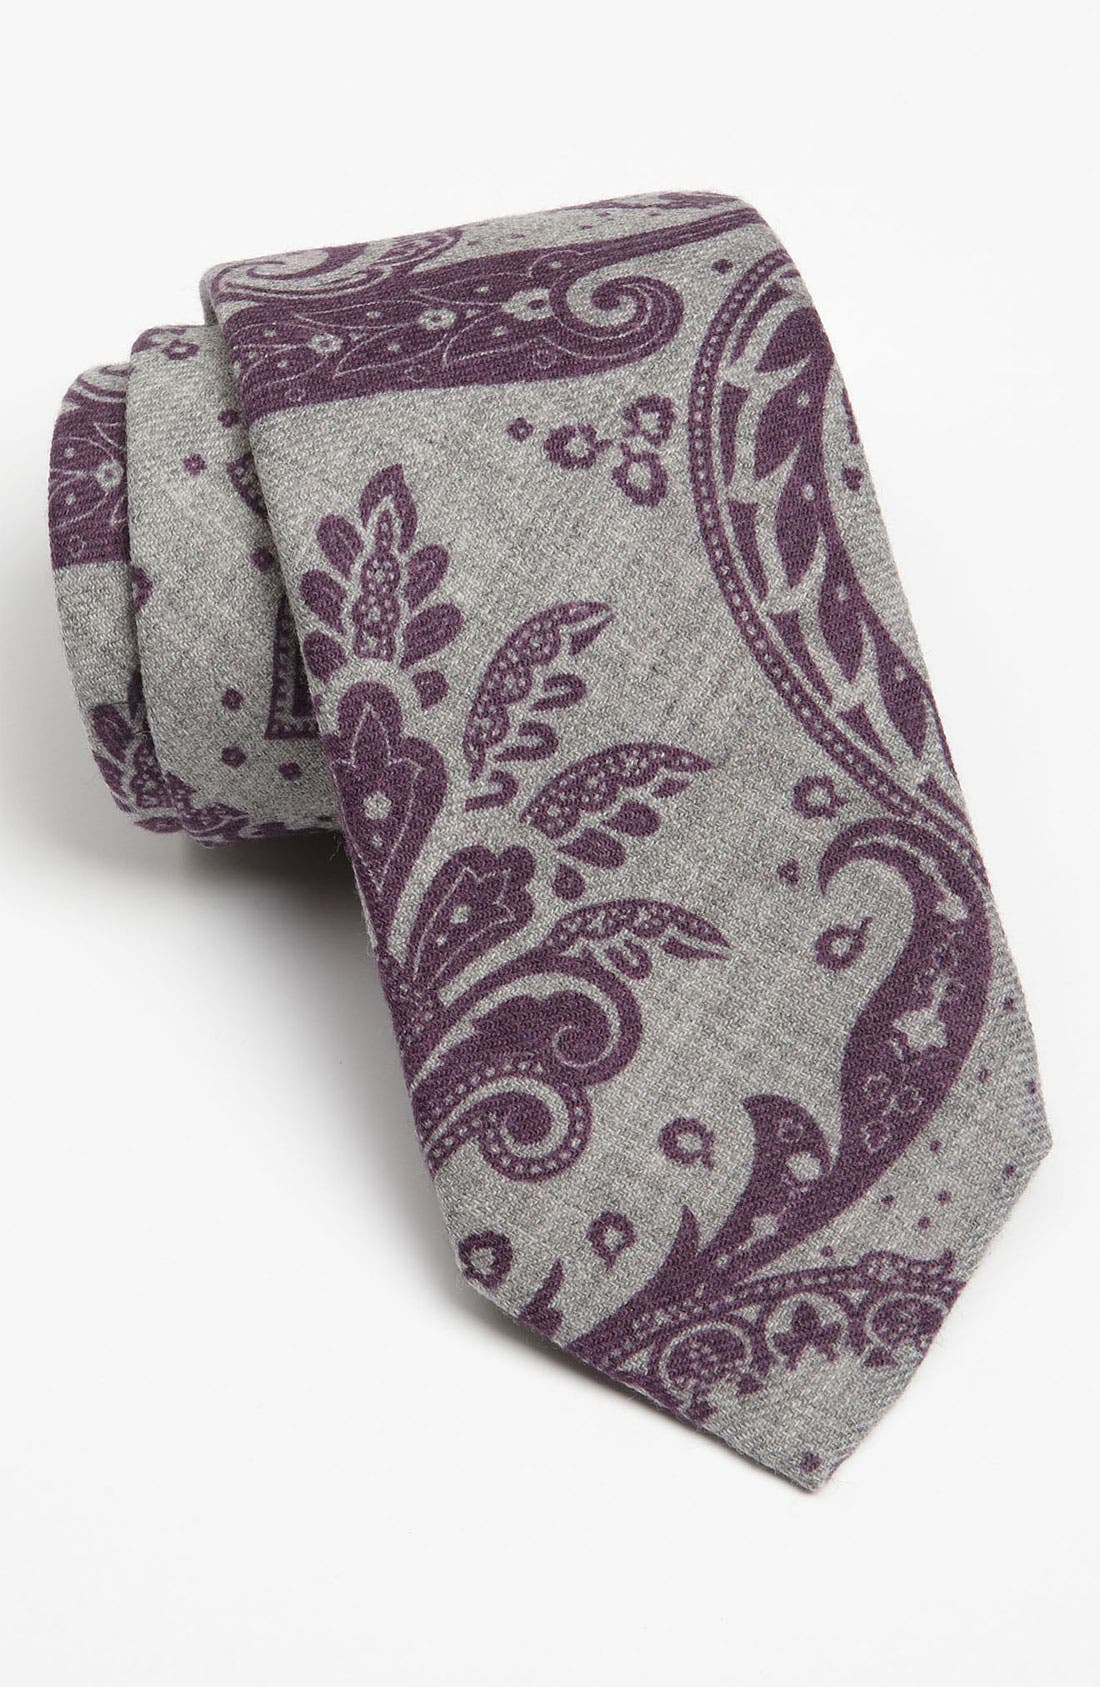 Main Image - Robert Talbott Woven Wool Tie